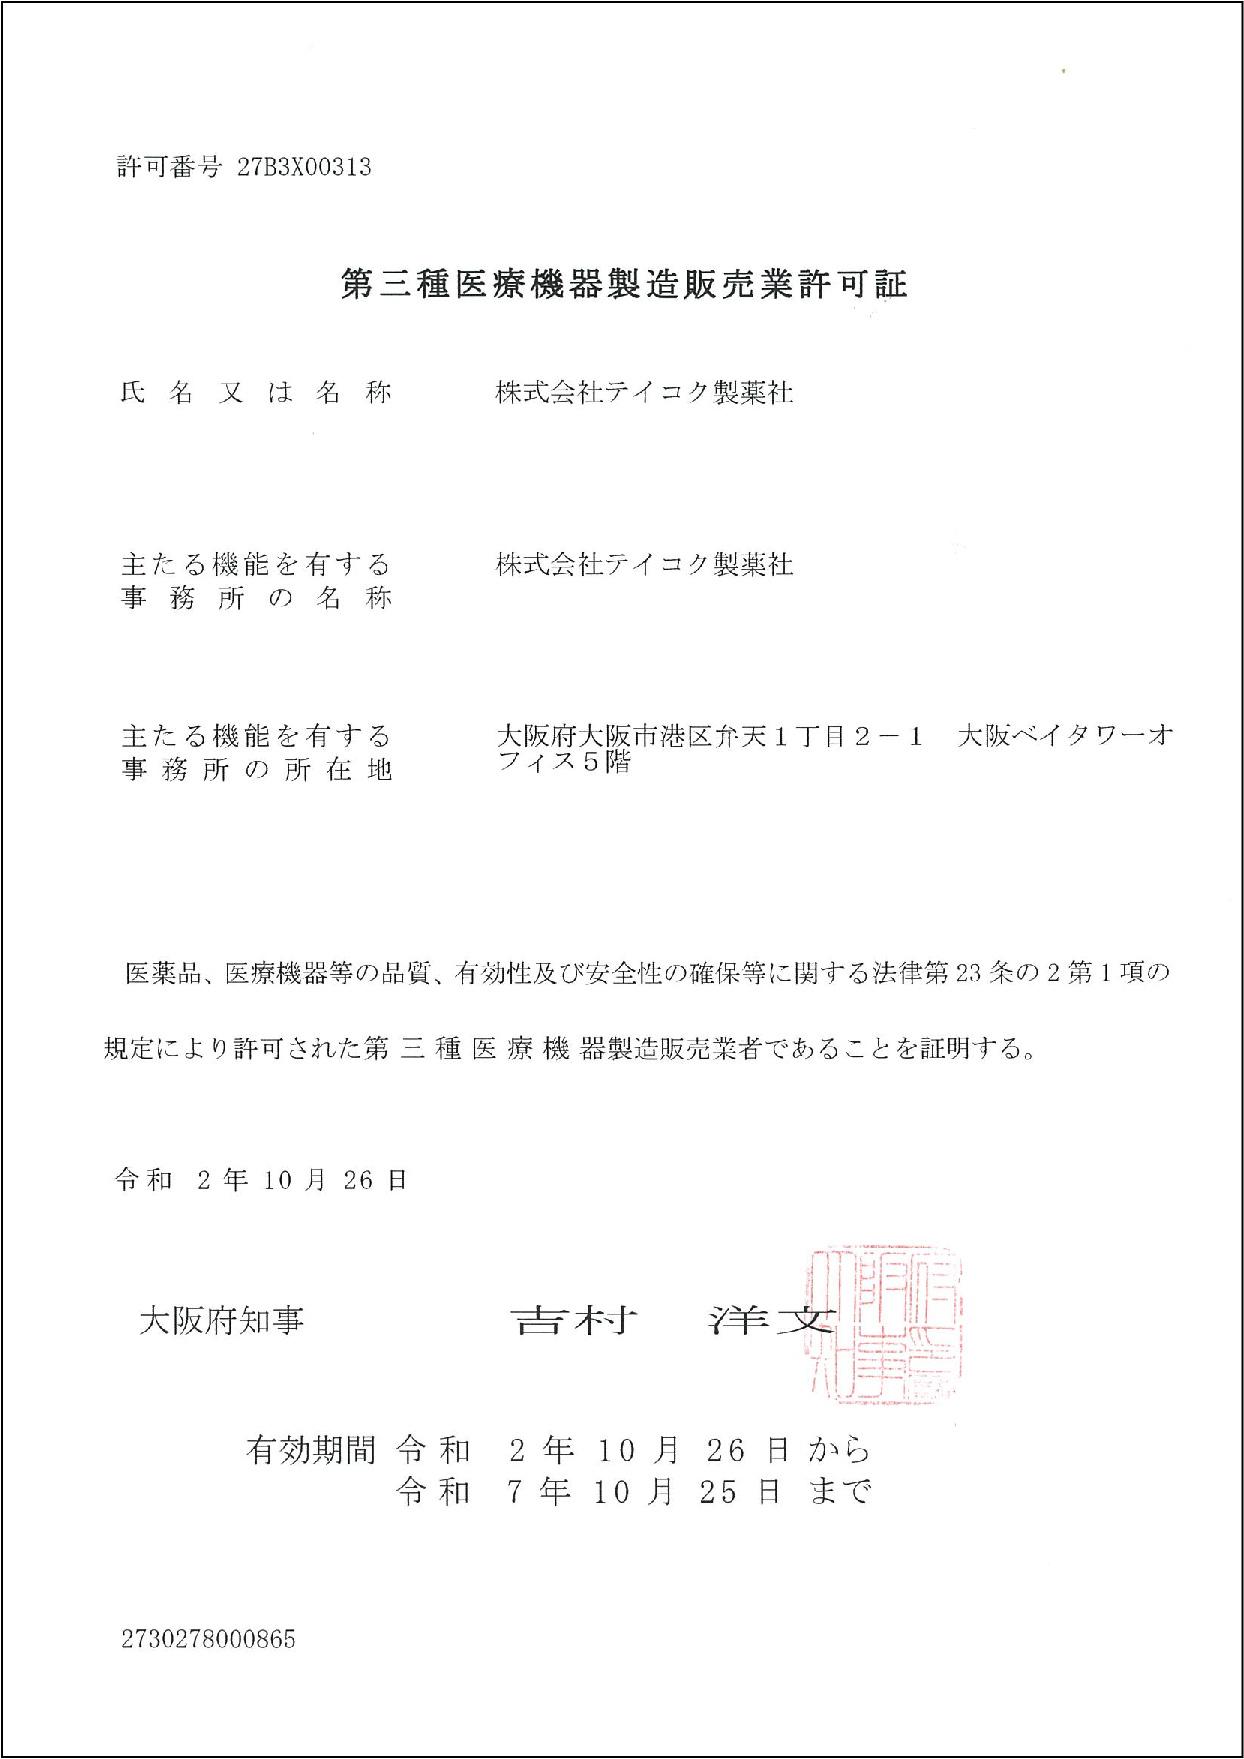 第三種医療機器製造販売業許可証